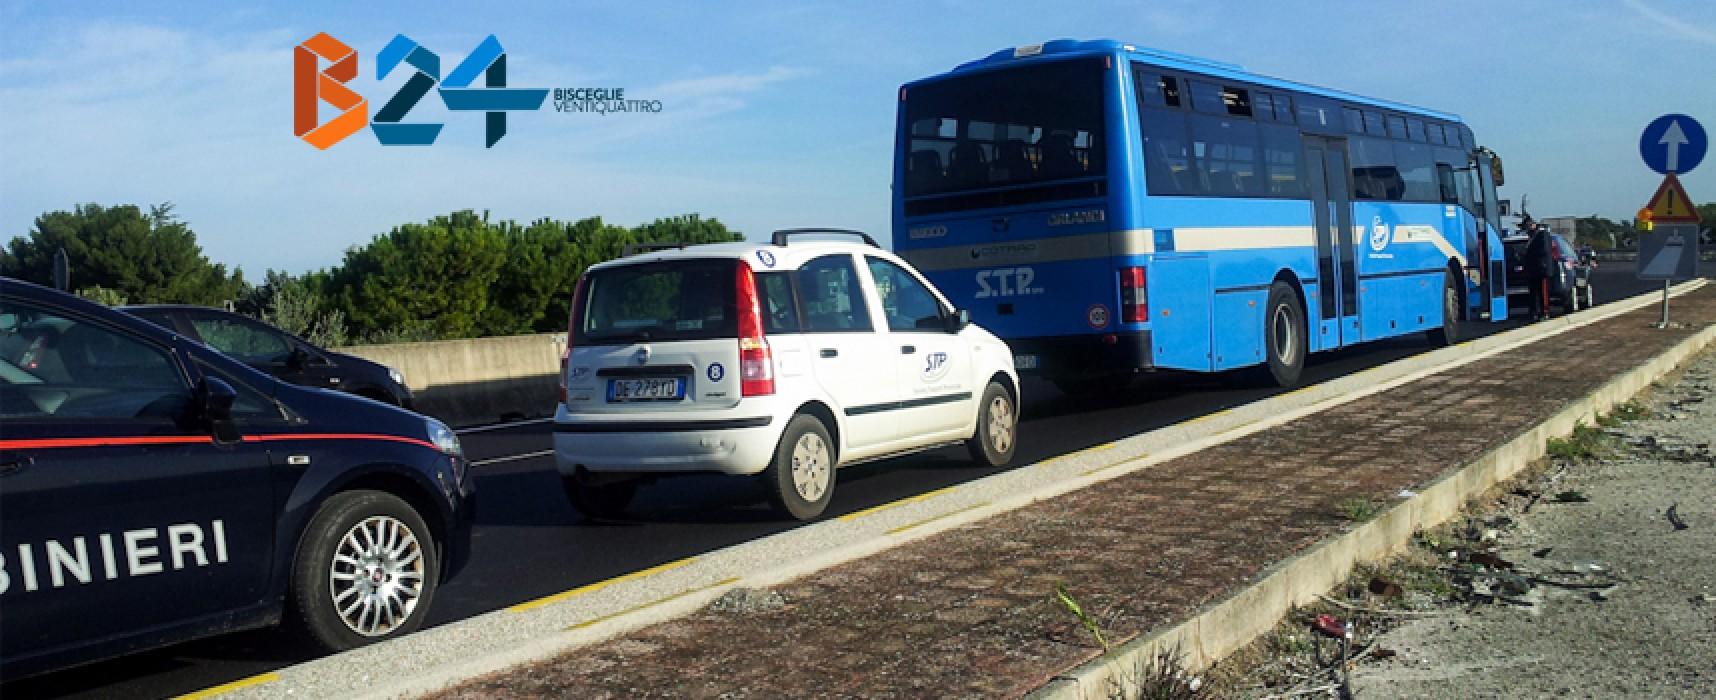 Operaio investito da un autobus sulla statale 16, è in gravi condizioni / FOTO